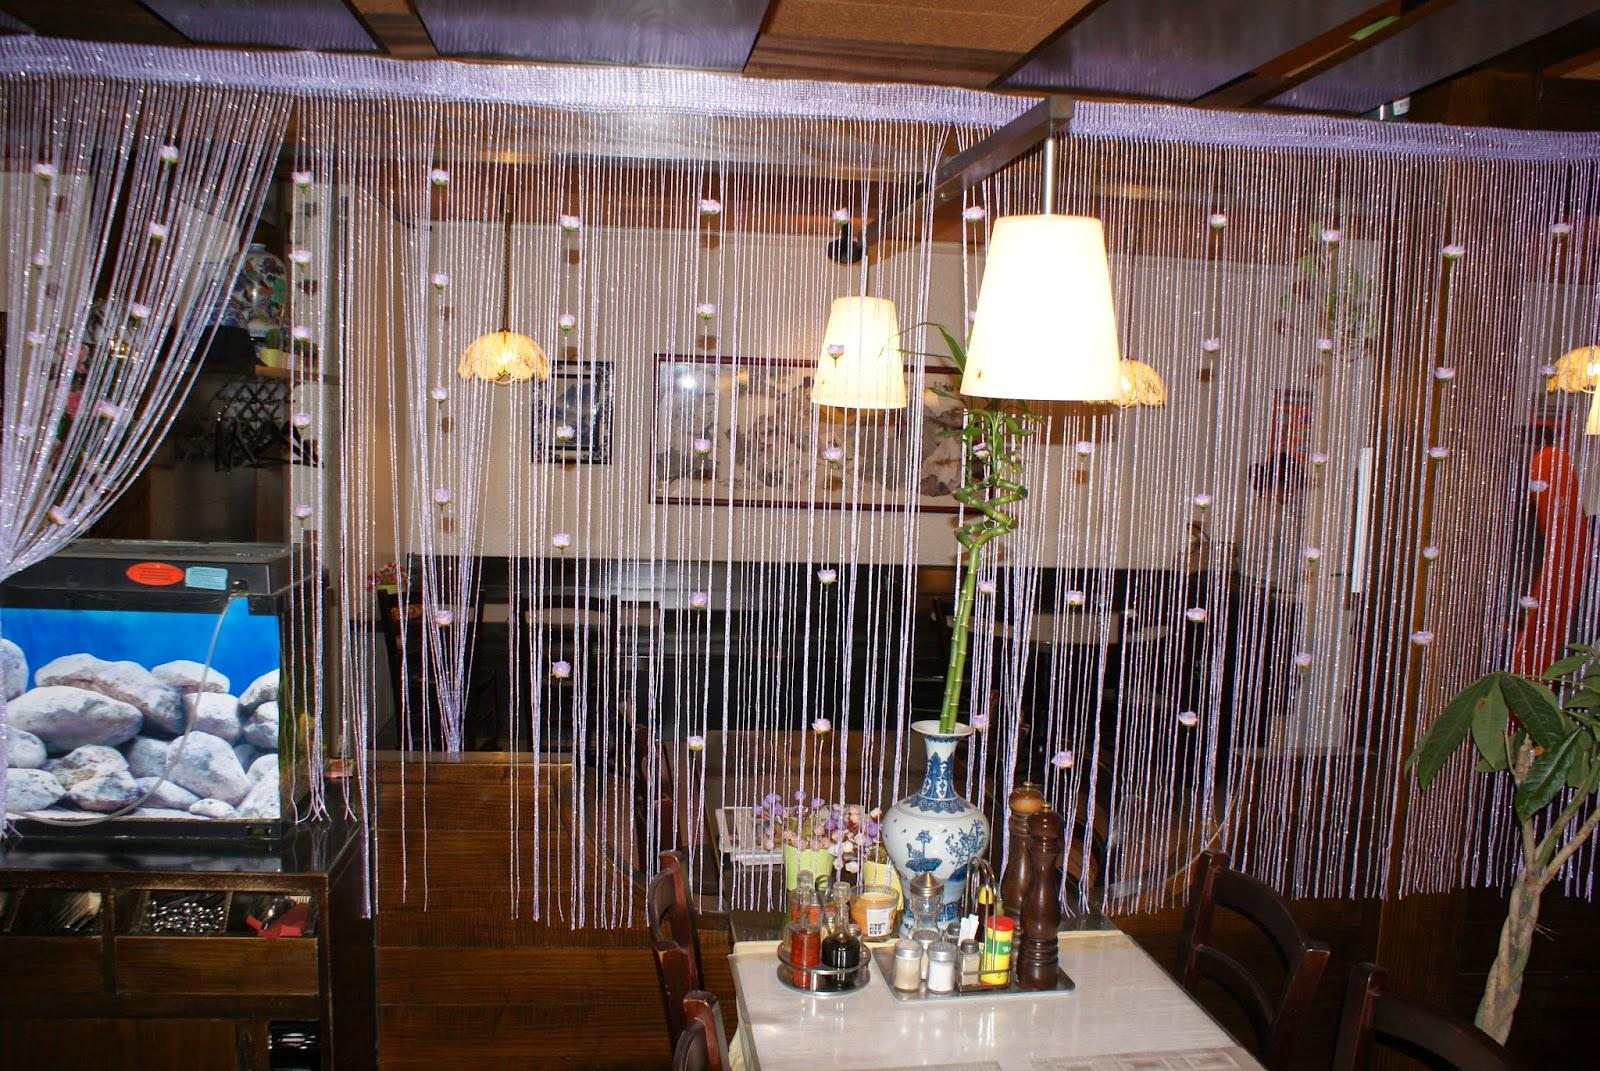 Restaurant Le Passeport  Ef Bf Bd Port Saint Louis Du Rh Ef Bf Bdne